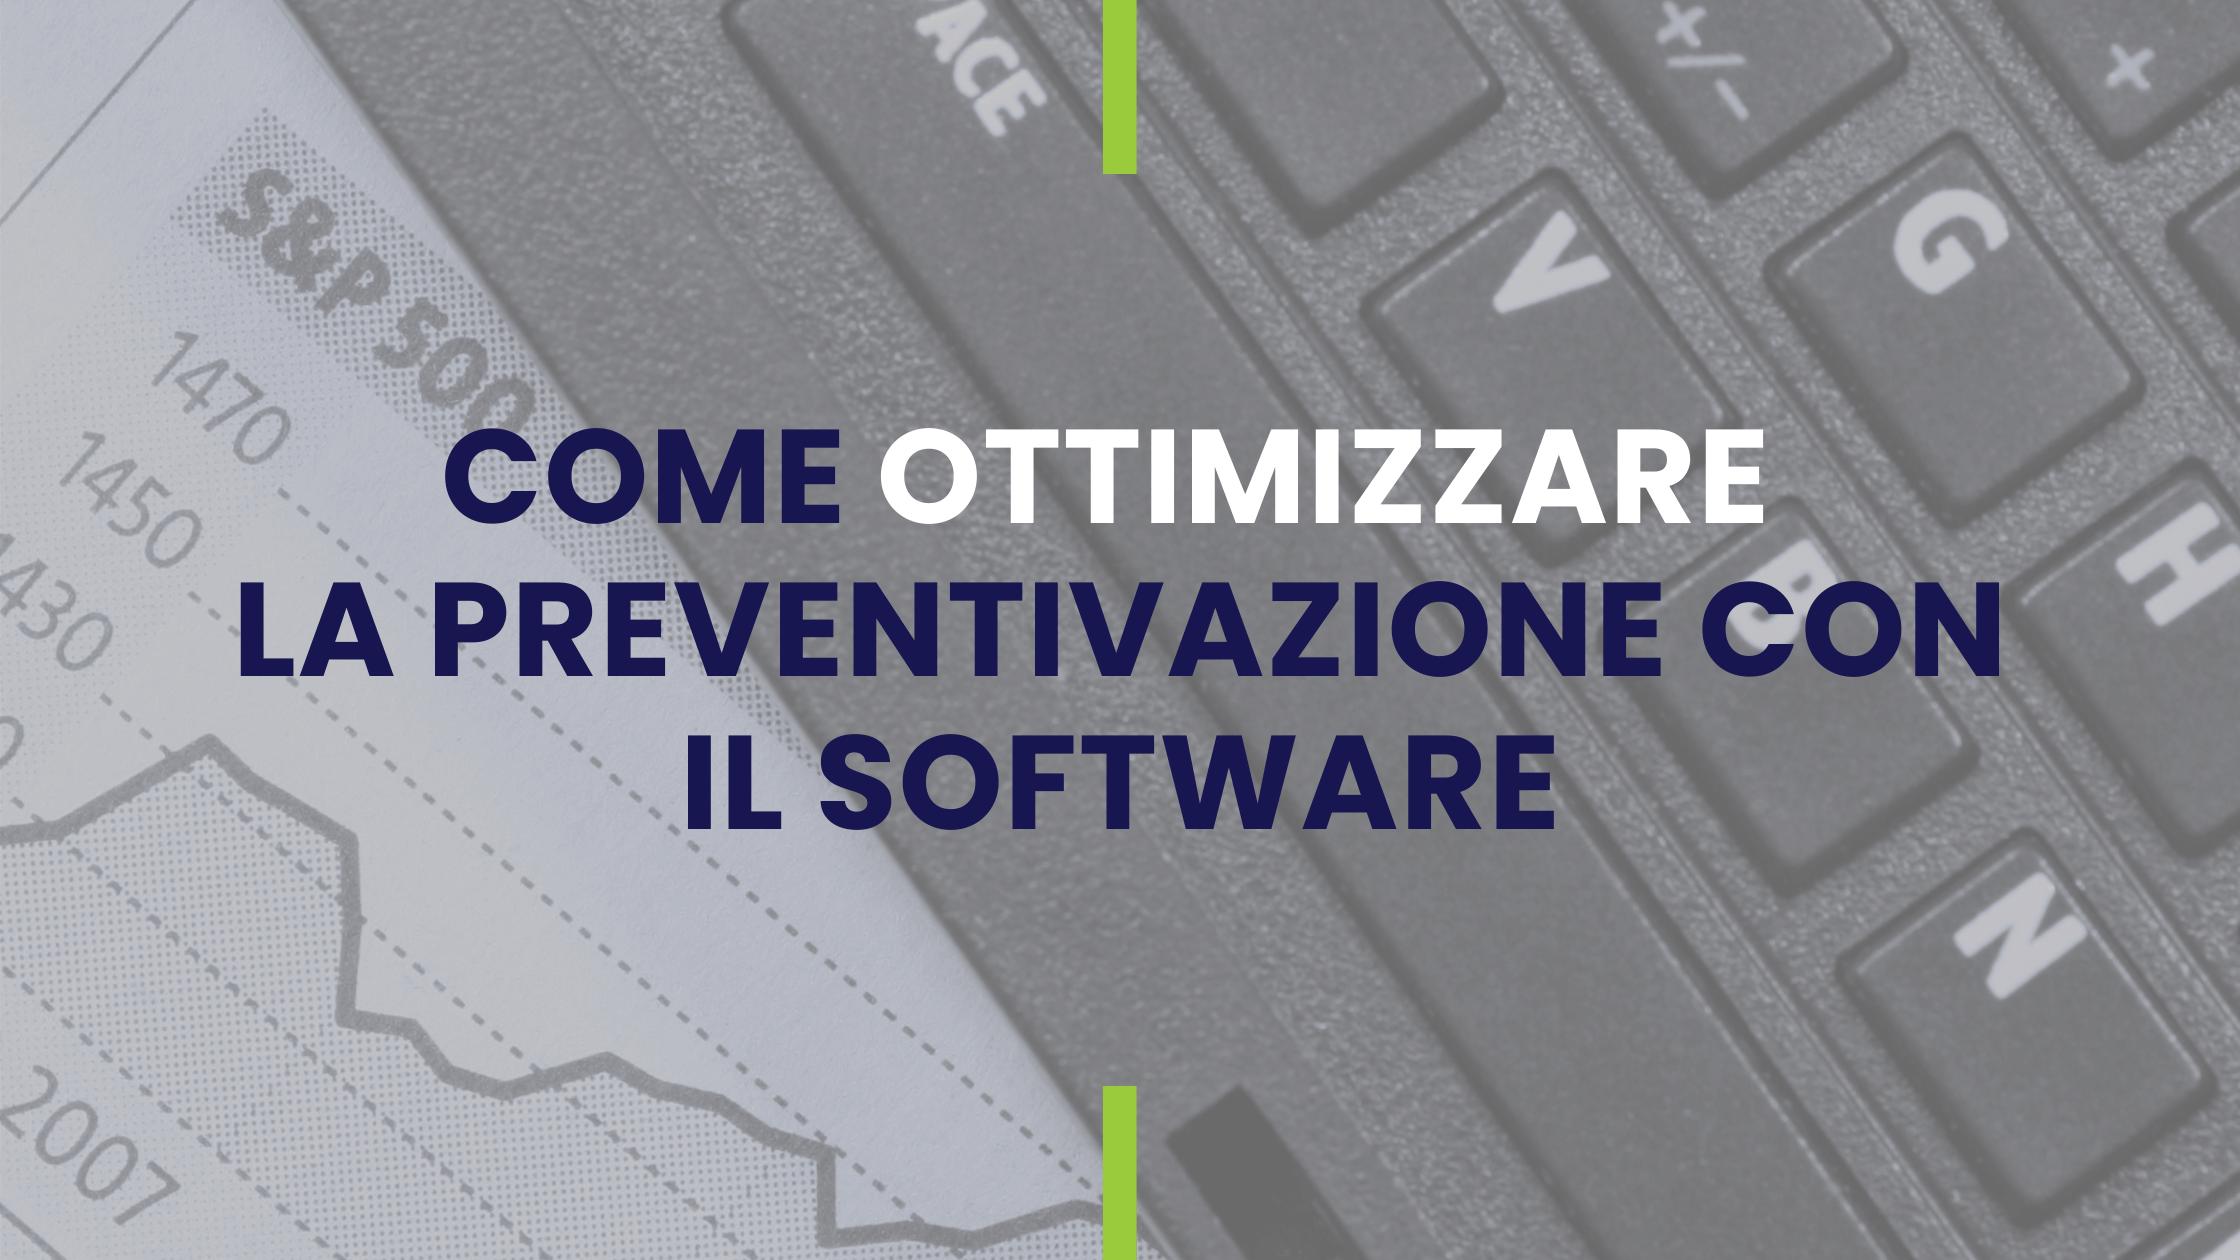 come-ottimizzare-preventivazione-con-software